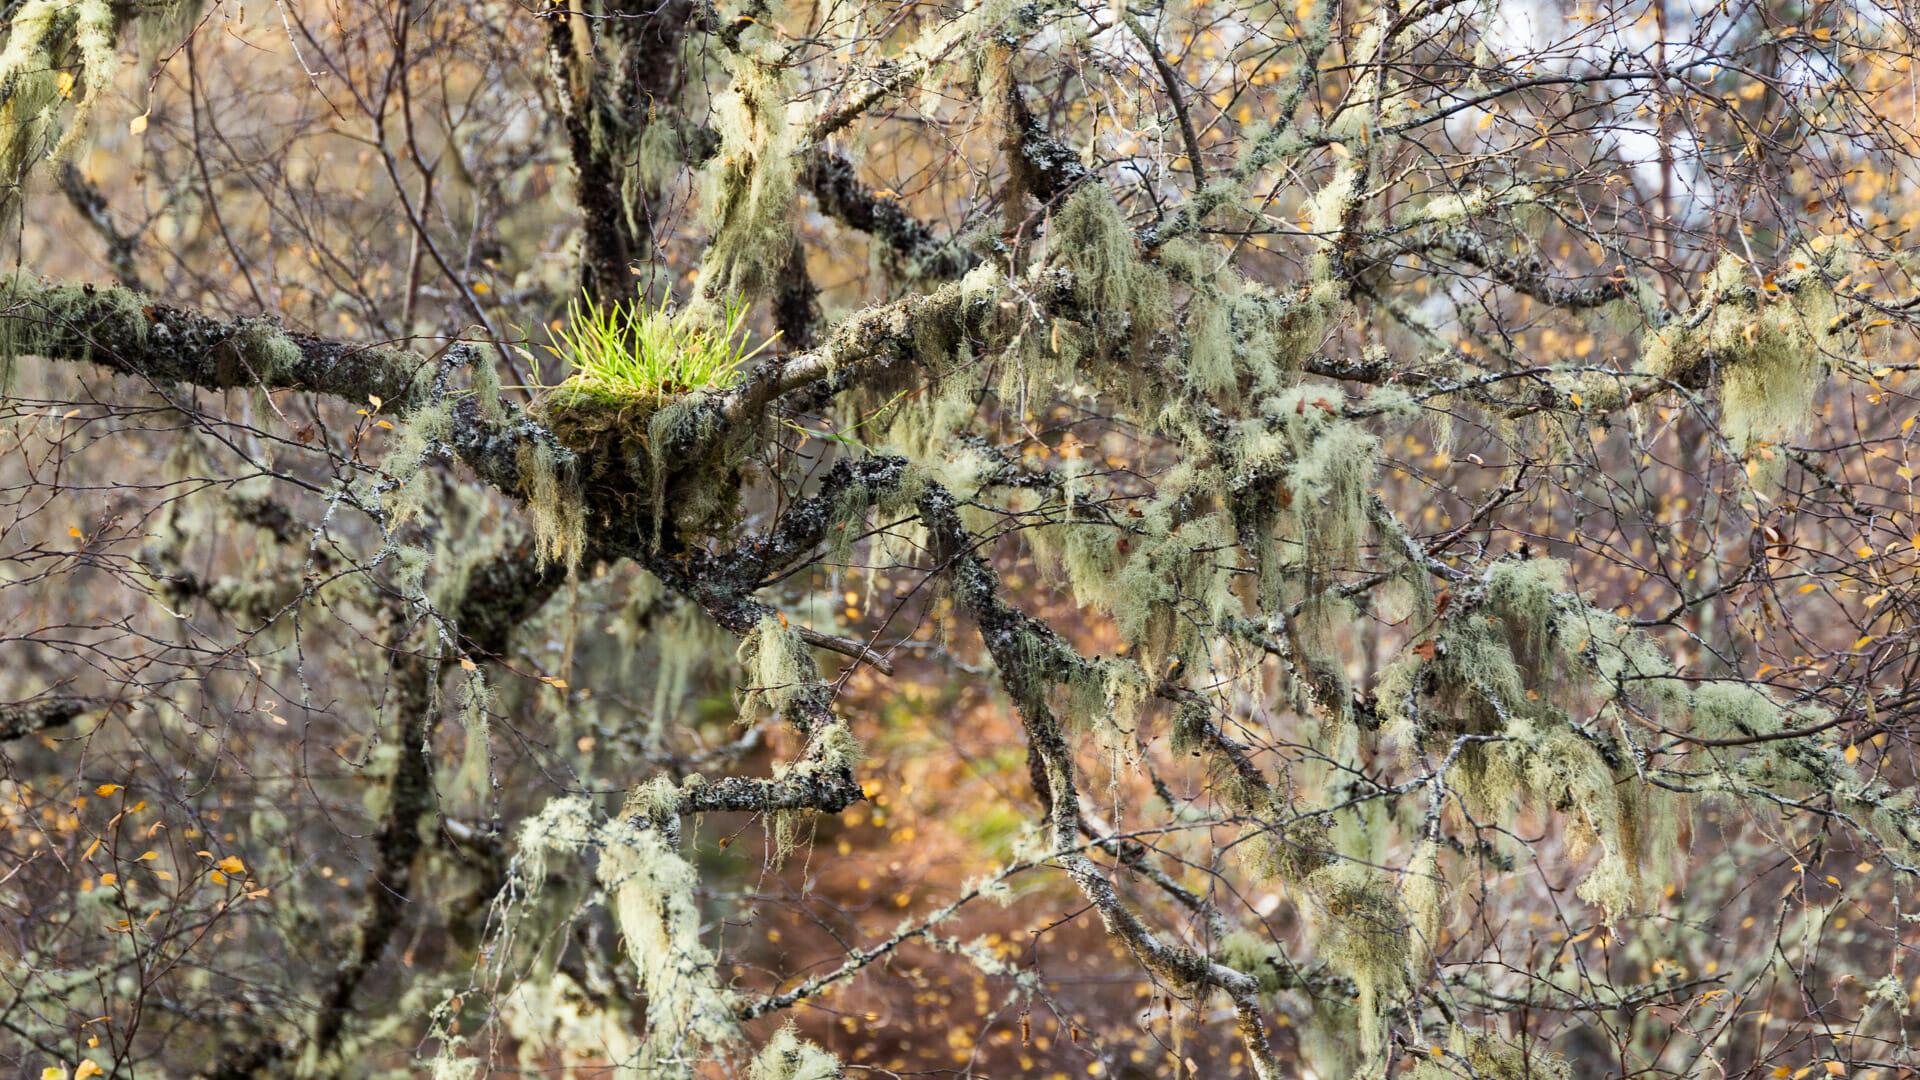 Vogelnest im Wald von Glen Affric